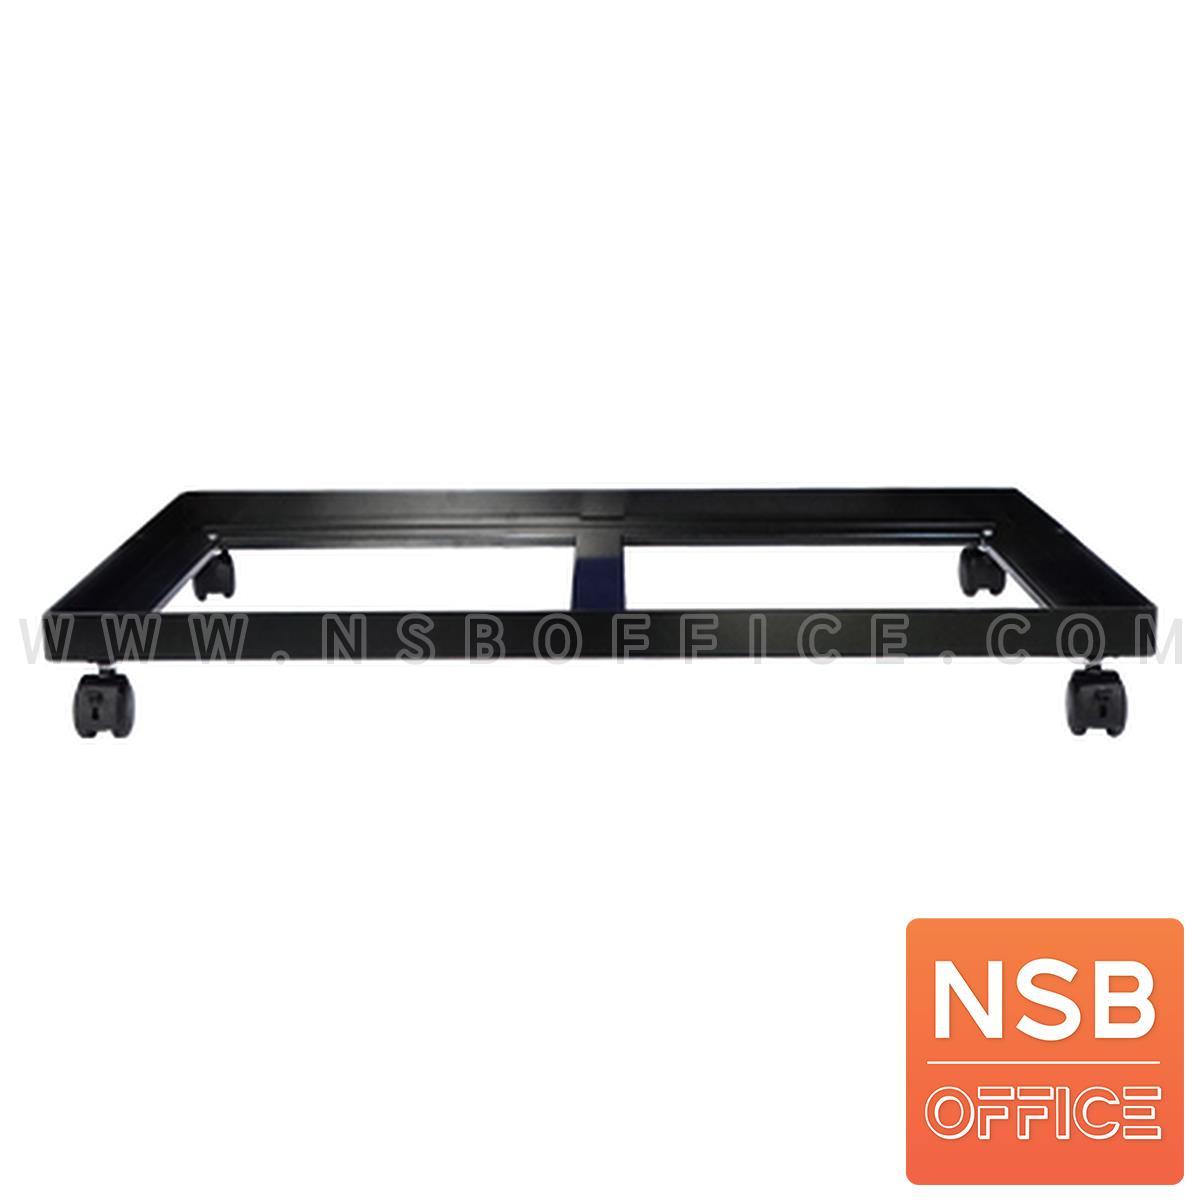 E04A059:ขารองตู้ล้อเลื่อน รุ่น LPK-B ขนาด 92W*46.4D cm.